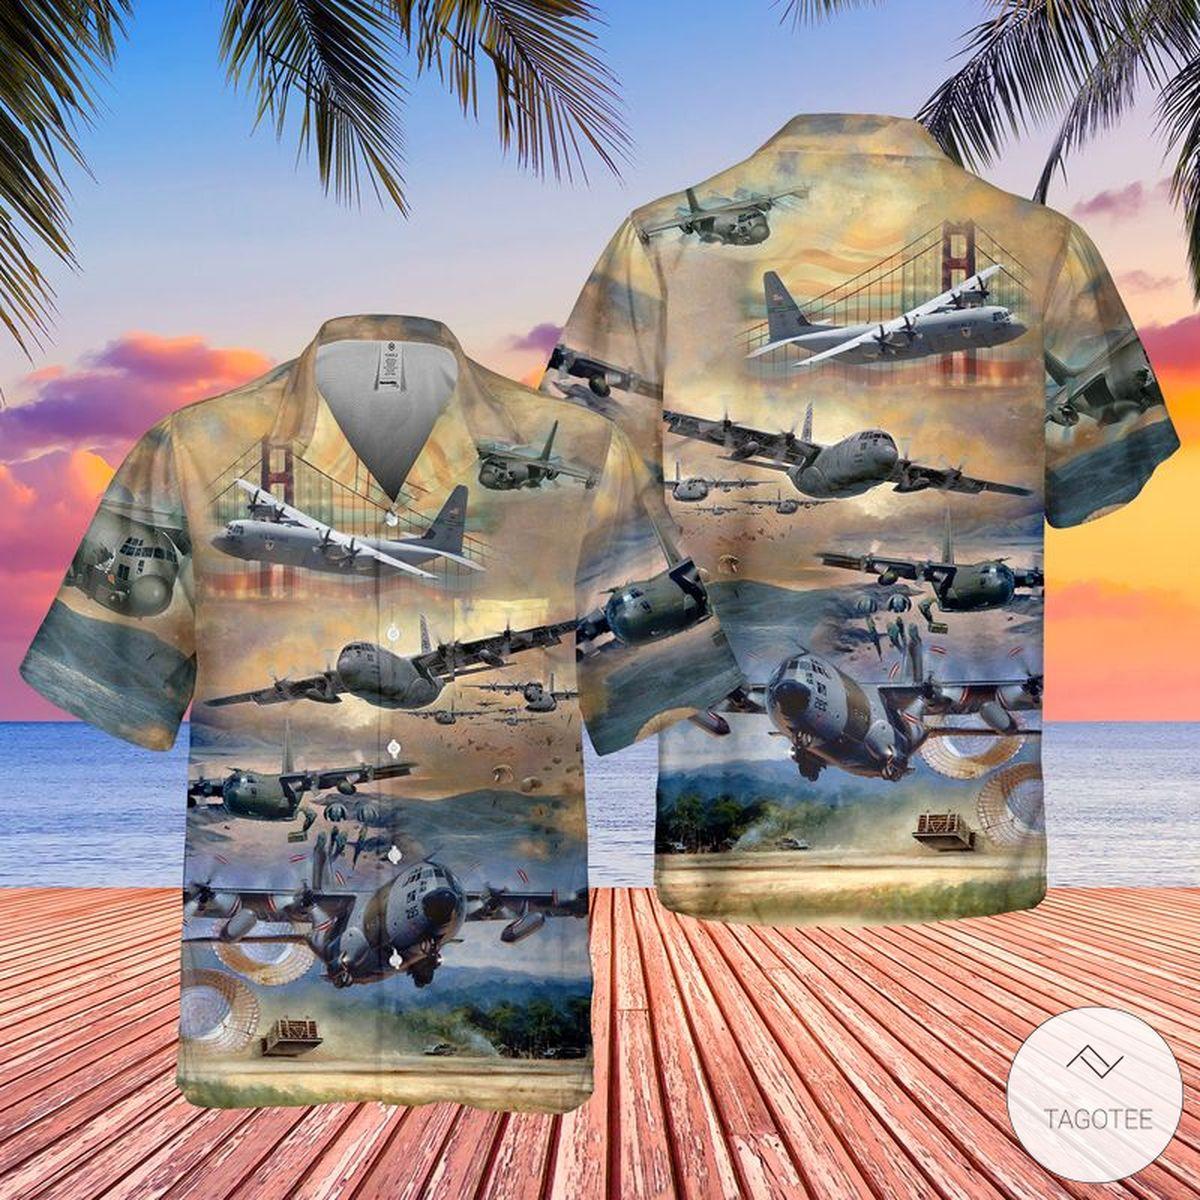 Air Force Lockheed C-130 Hercules Pocket Hawaiian Shirt, Beach Shorts